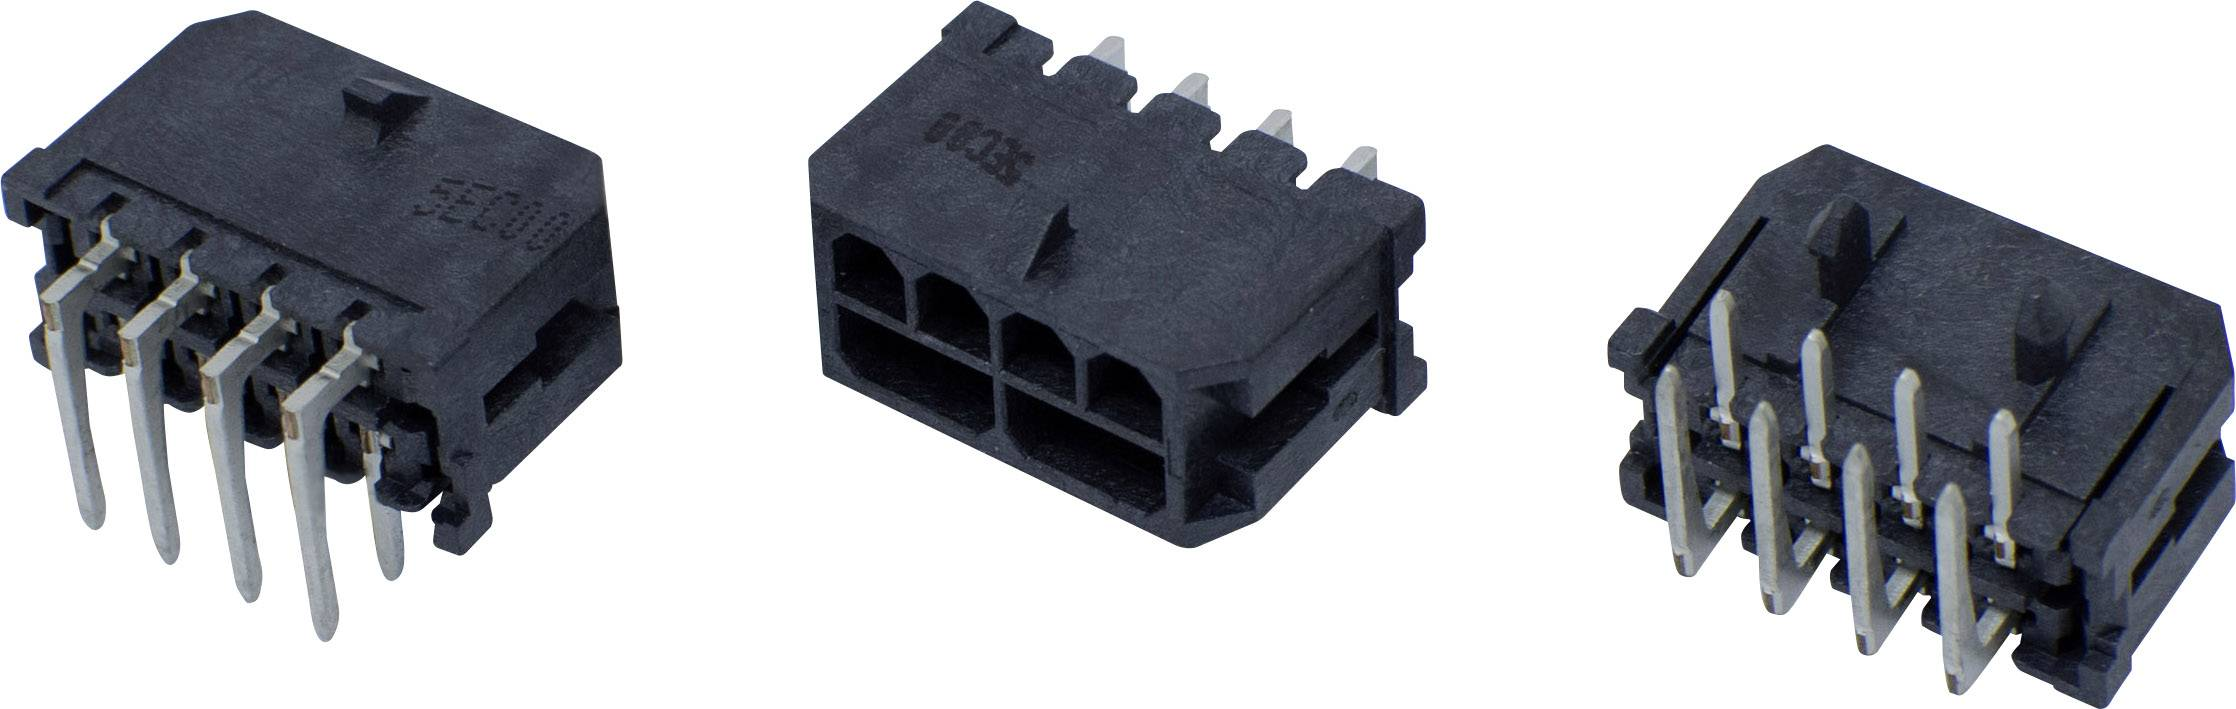 Pinová lišta (standardní) BellWether 70095-1008, pólů 10, rozteč 3 mm, 1 ks